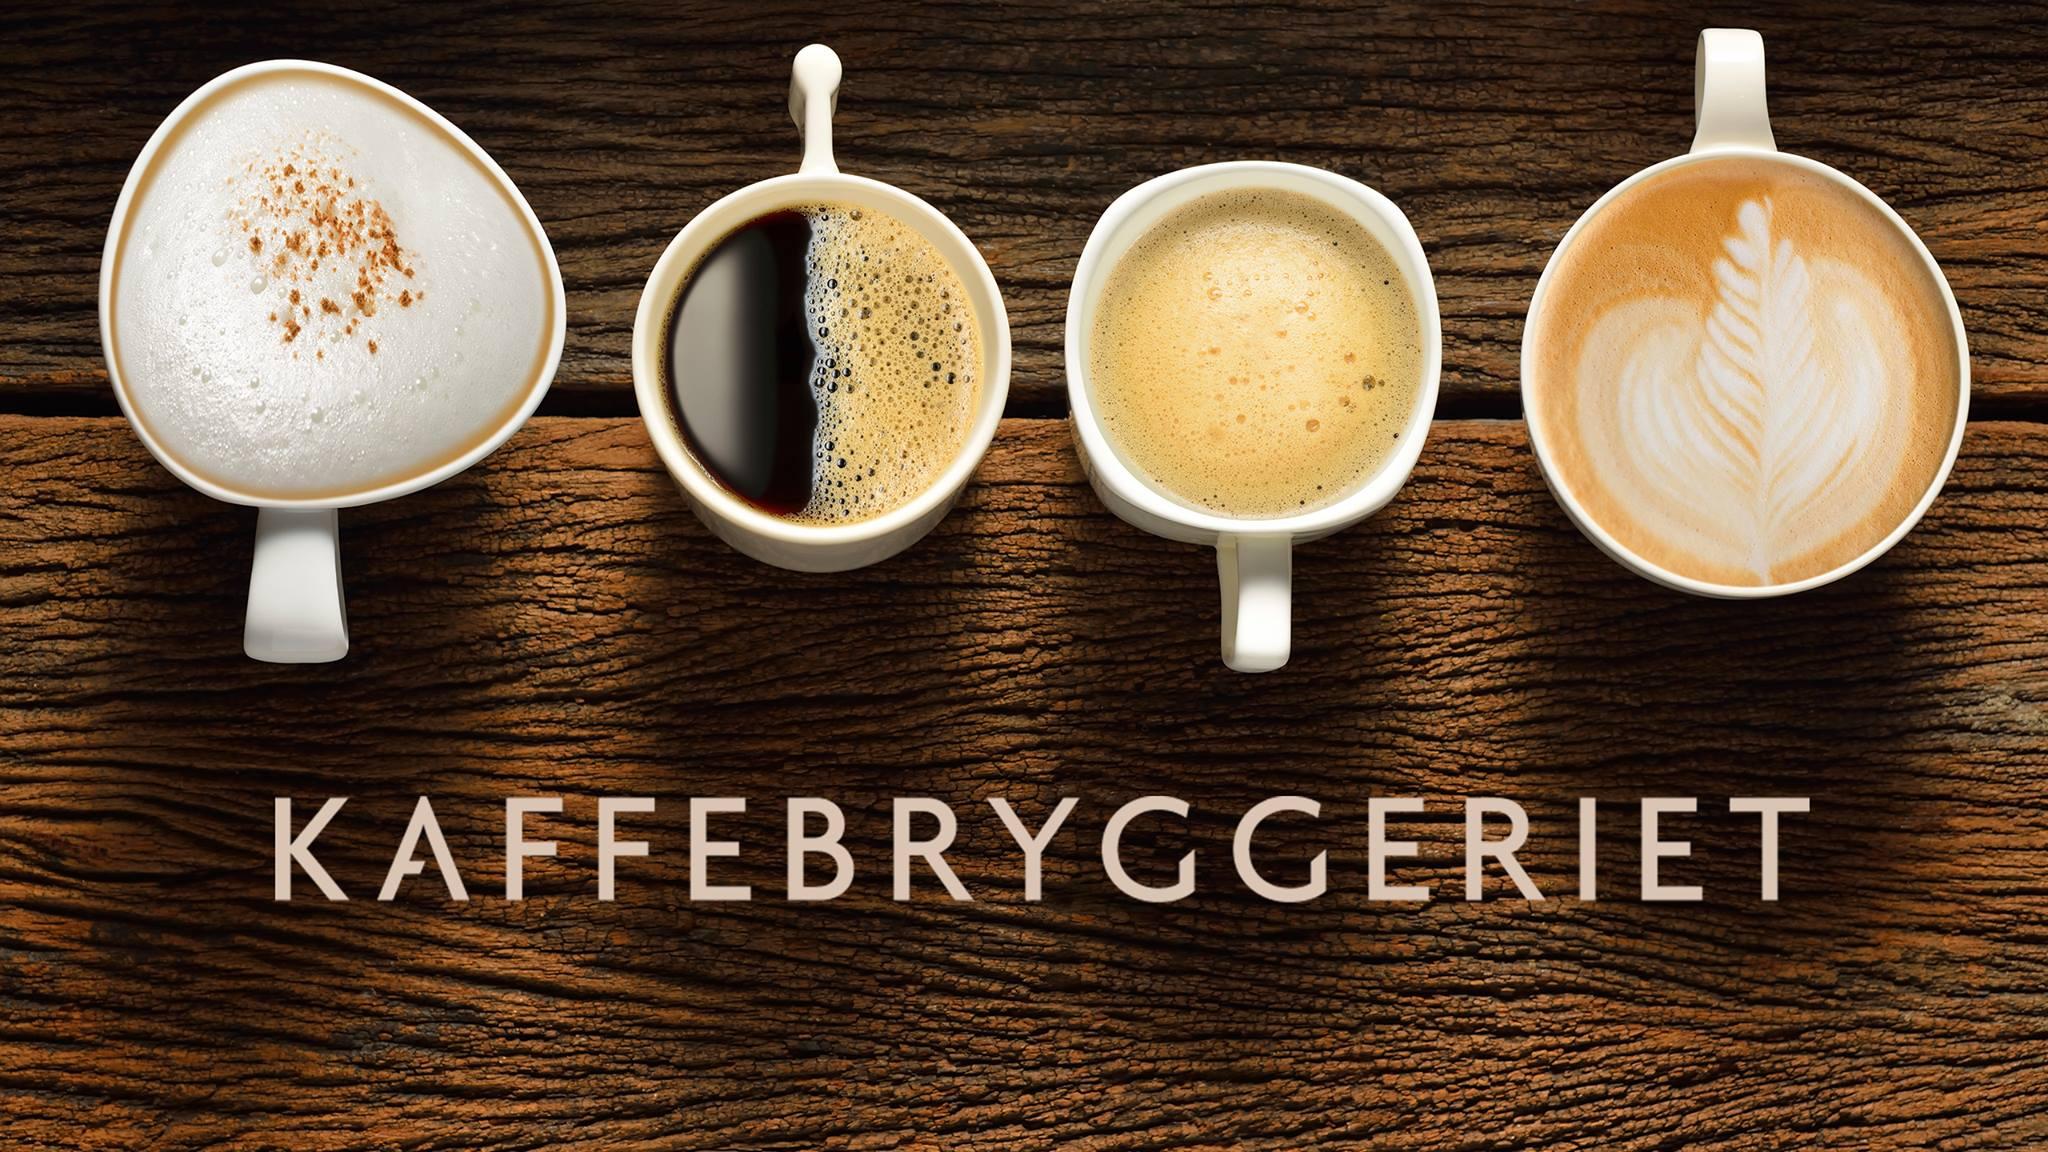 kaffebryggeriet